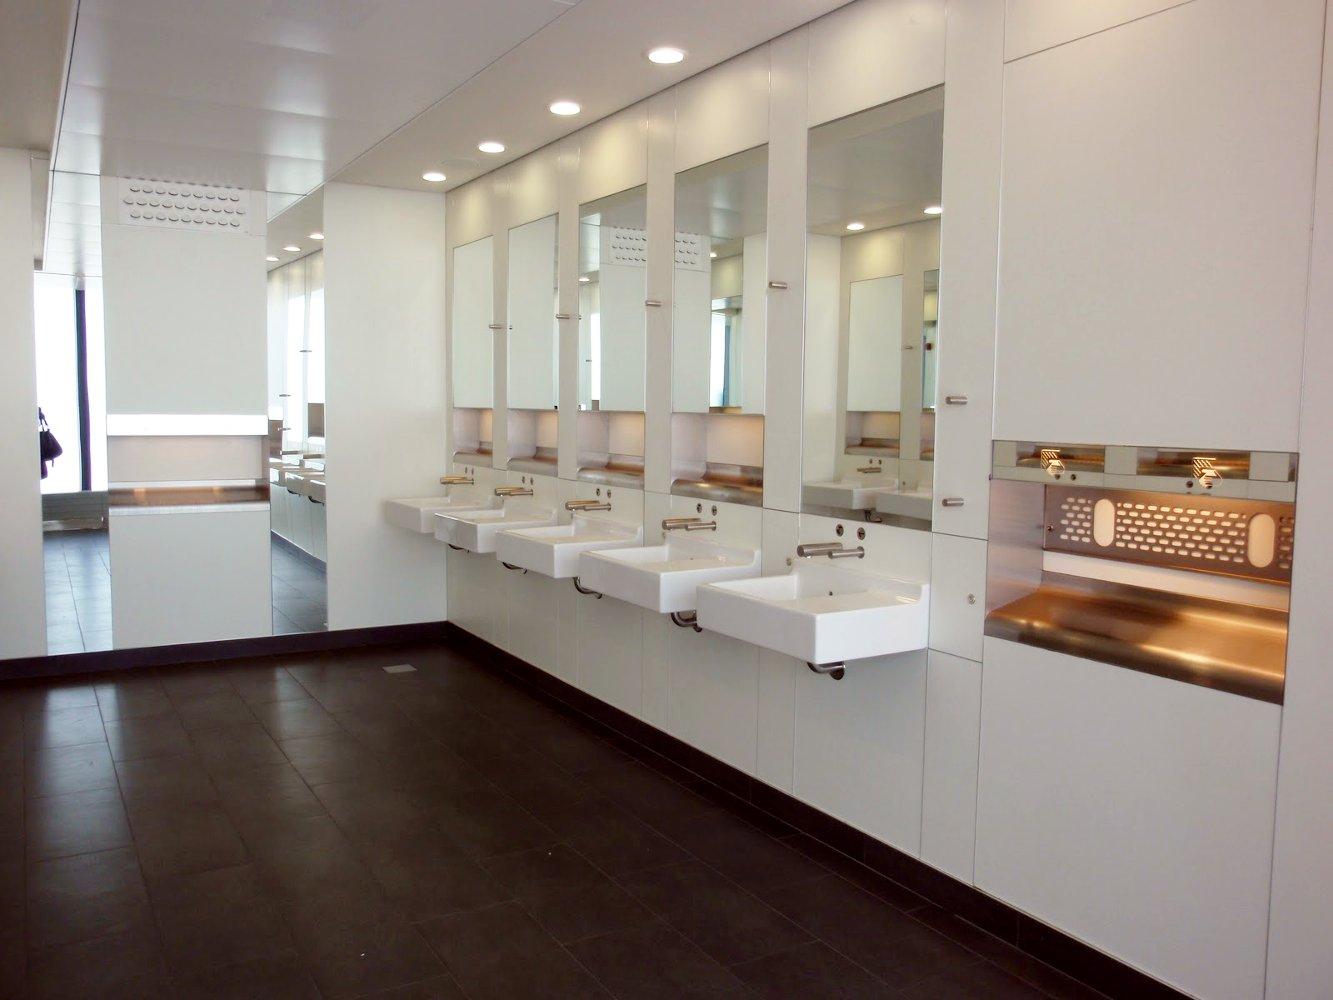 Сантехника Duravit в одном из общественных туалетов аэропорта Хитроу (Великобритания, Лондон)